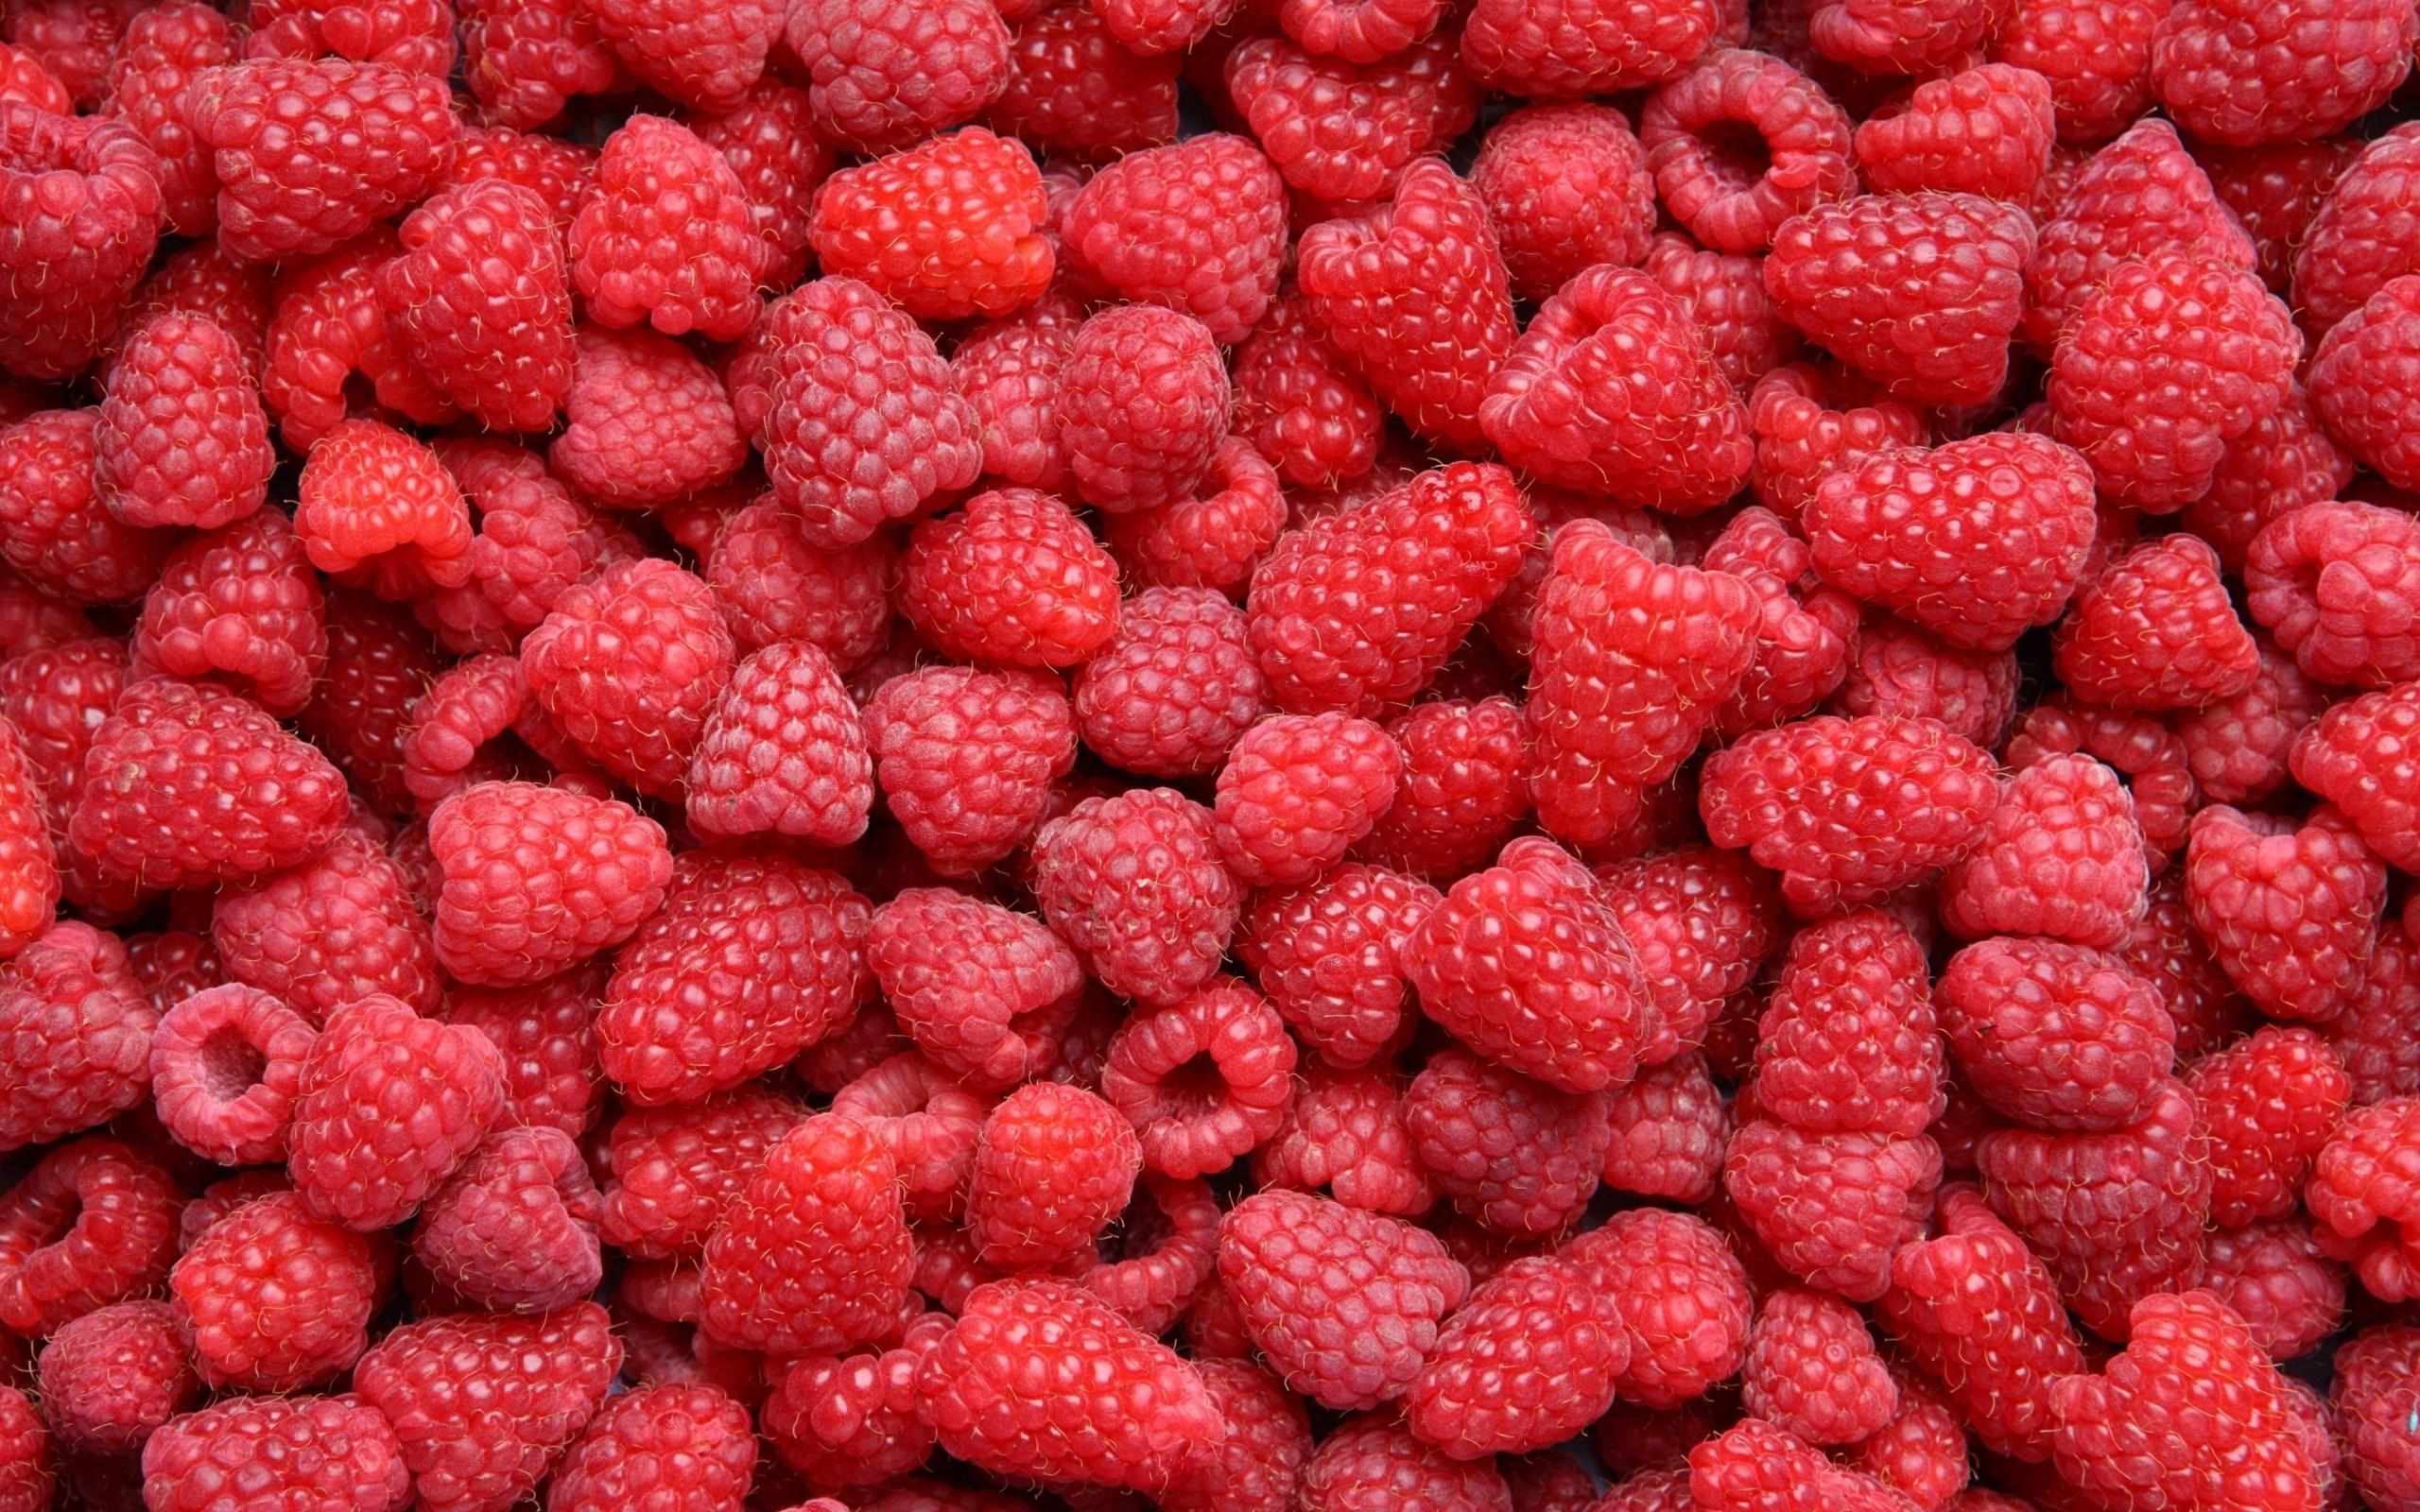 Raspberries Berries